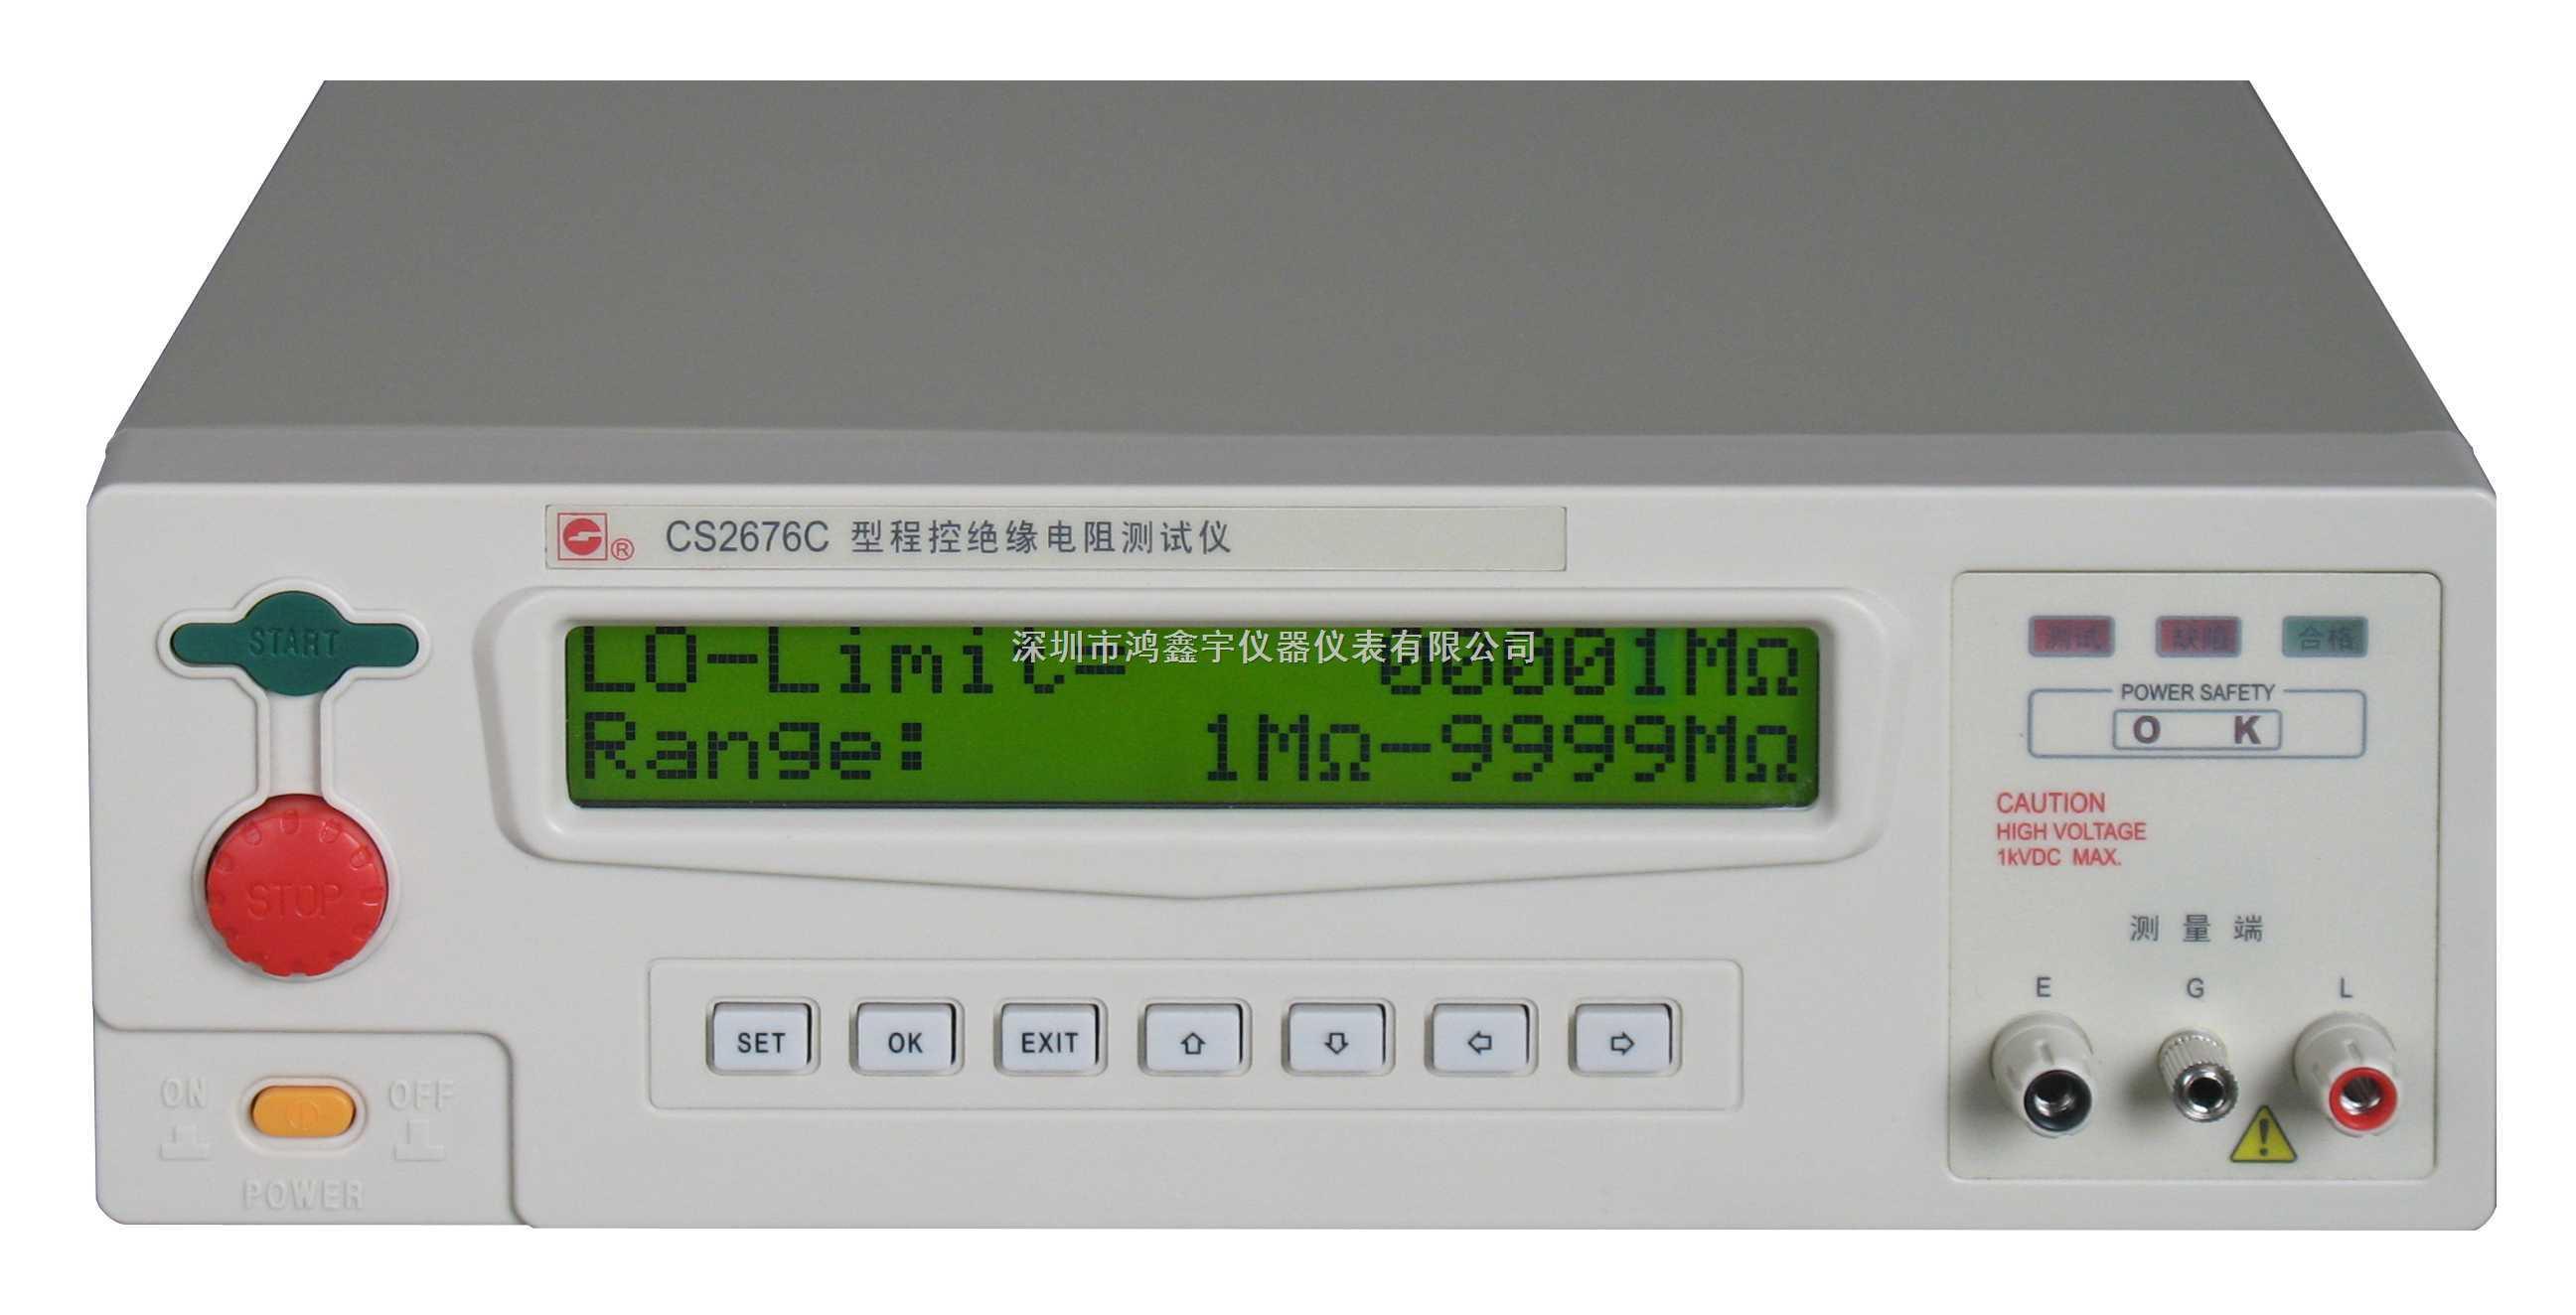 cs2676c 程控绝缘电阻测试仪